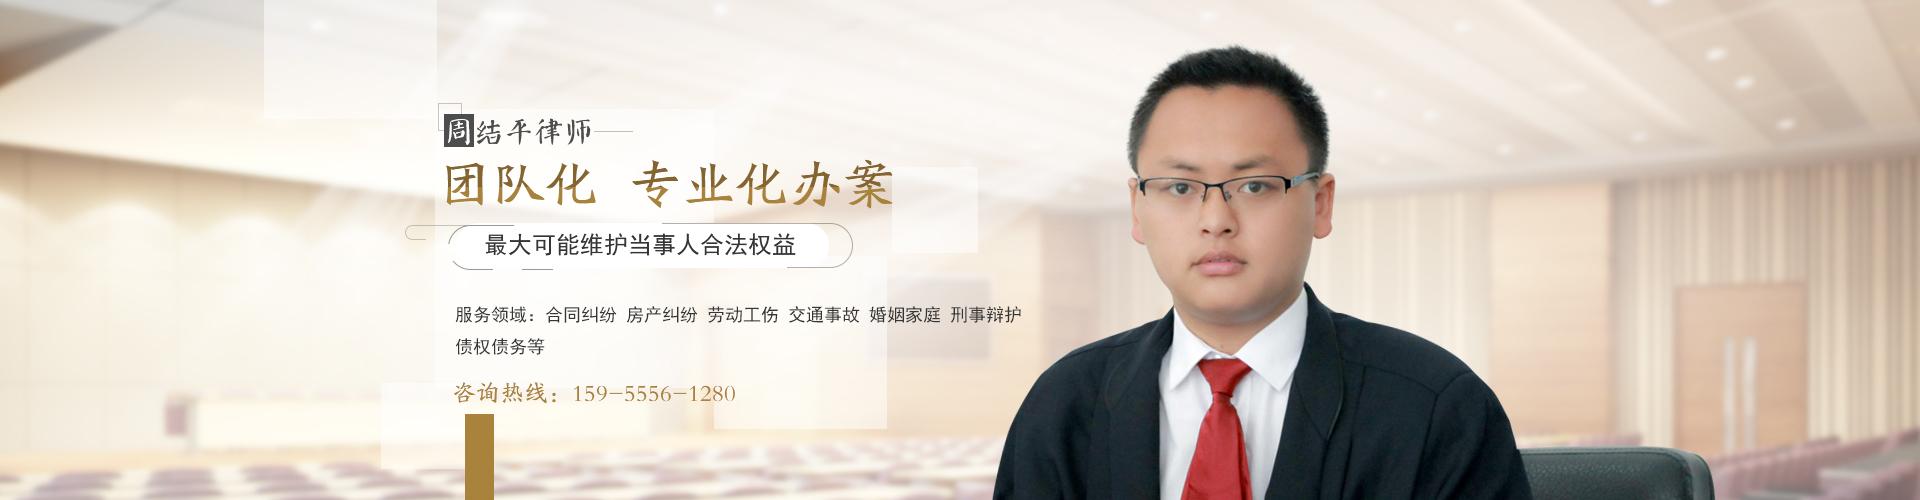 安徽周结平律师